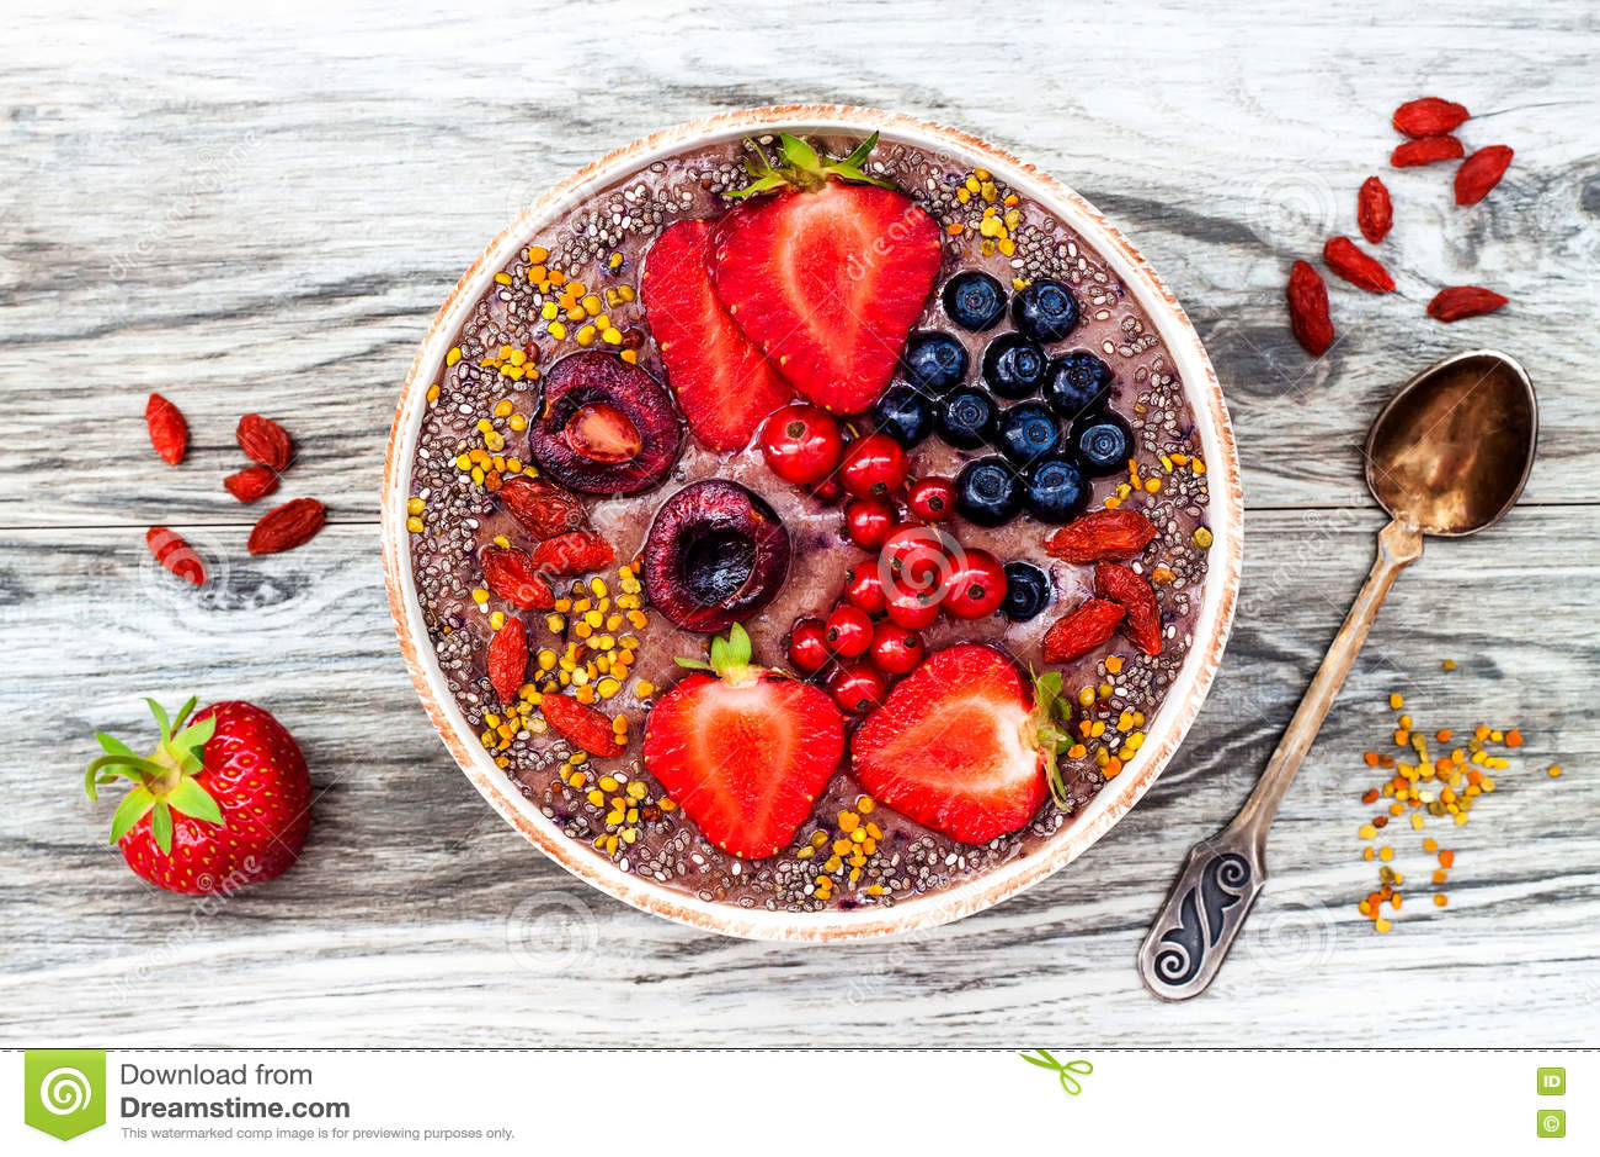 Het Acaiontbijt superfoods smoothies werpt met chiazaden, bijenstuifmeel, de bovenste laagjes van de gojibes en pindakaas lucht